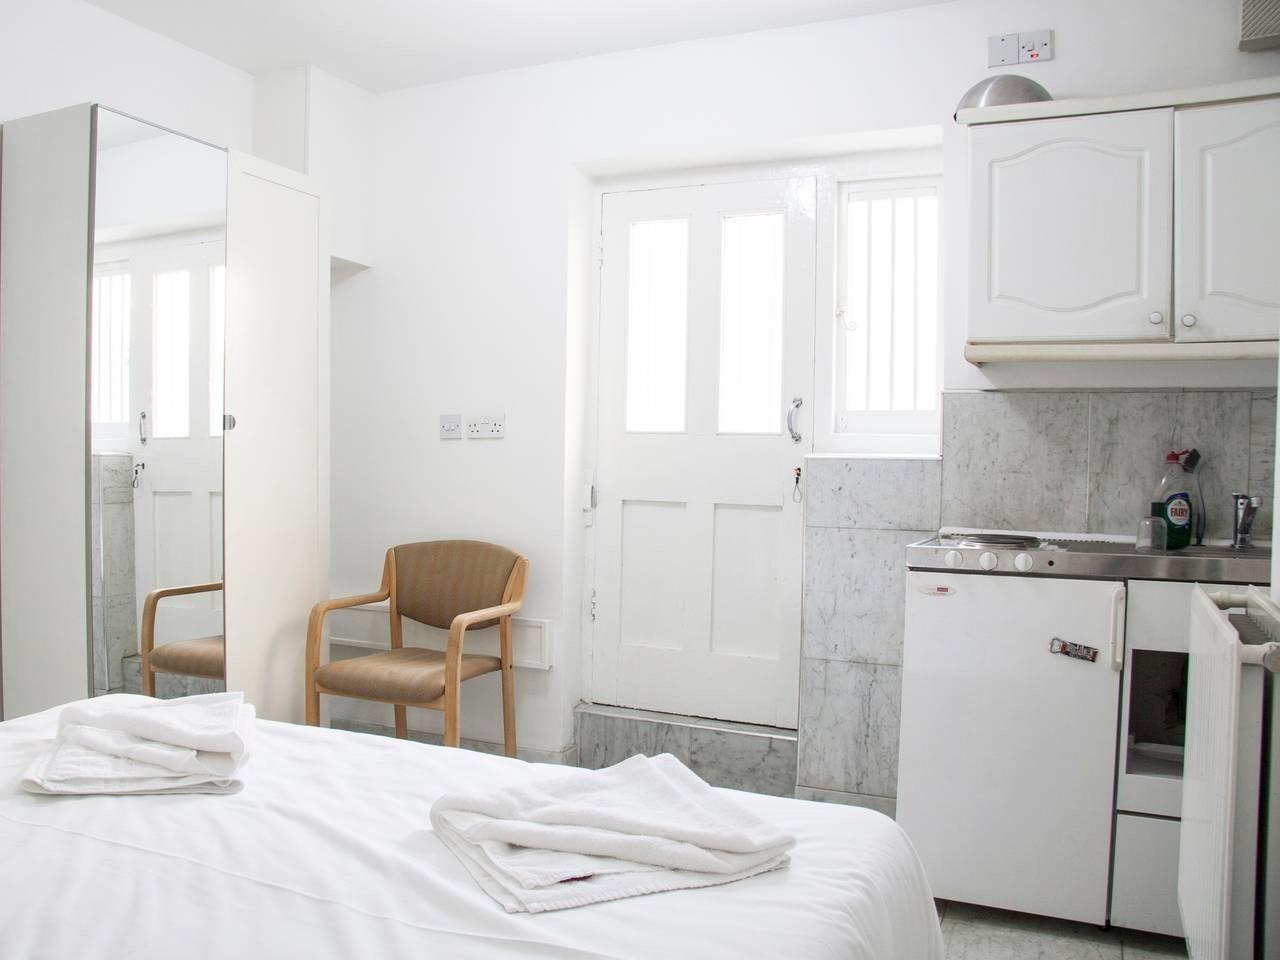 Apartment-Private Bathroom-Studio Flat 7